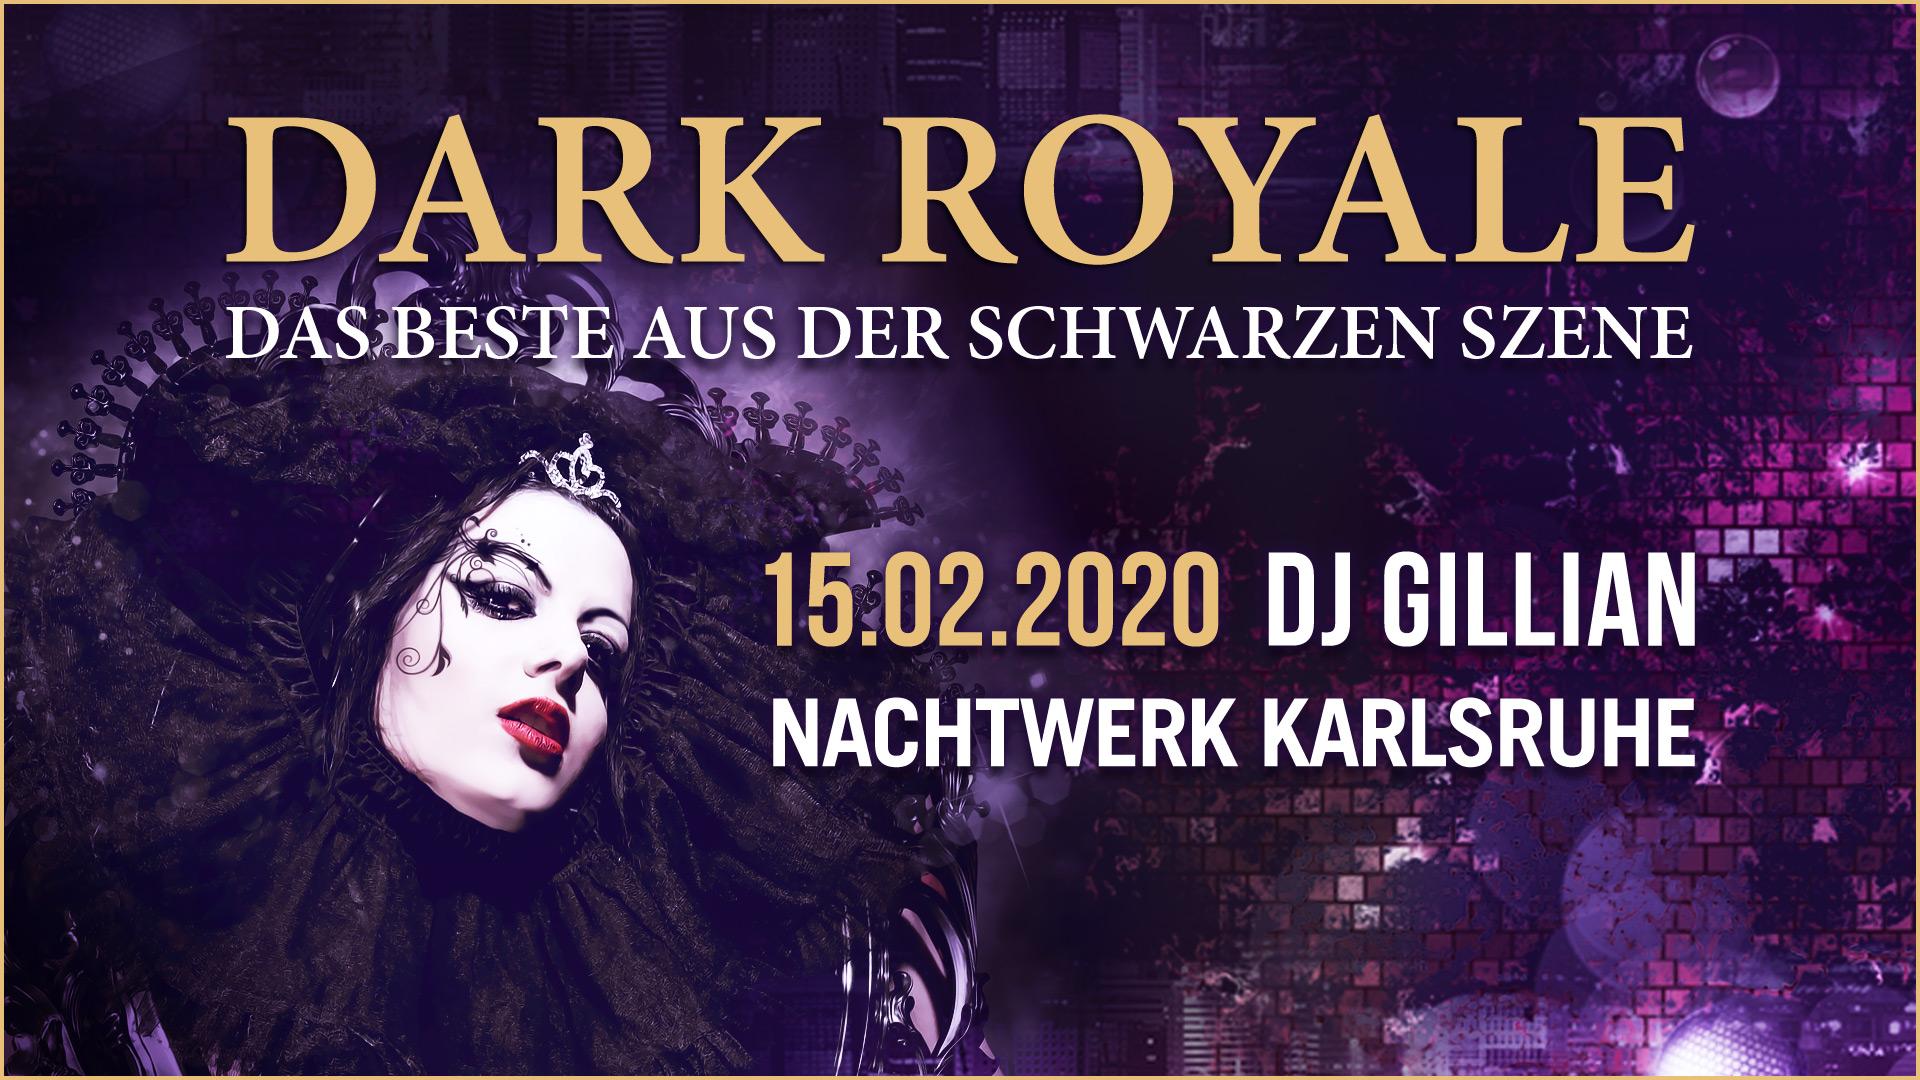 Dark Royale » Das Beste aus der schwarzen Szene mit DJ Gillian im Nachtwerk Karlsruhe. Gothic, Wave, Dark Electro, Depeche Mode, 80er, Classics, Mittelalter, Neue Deutsche Härte, Industrial, Synthi-Pop, Future-Pop, EBM,...